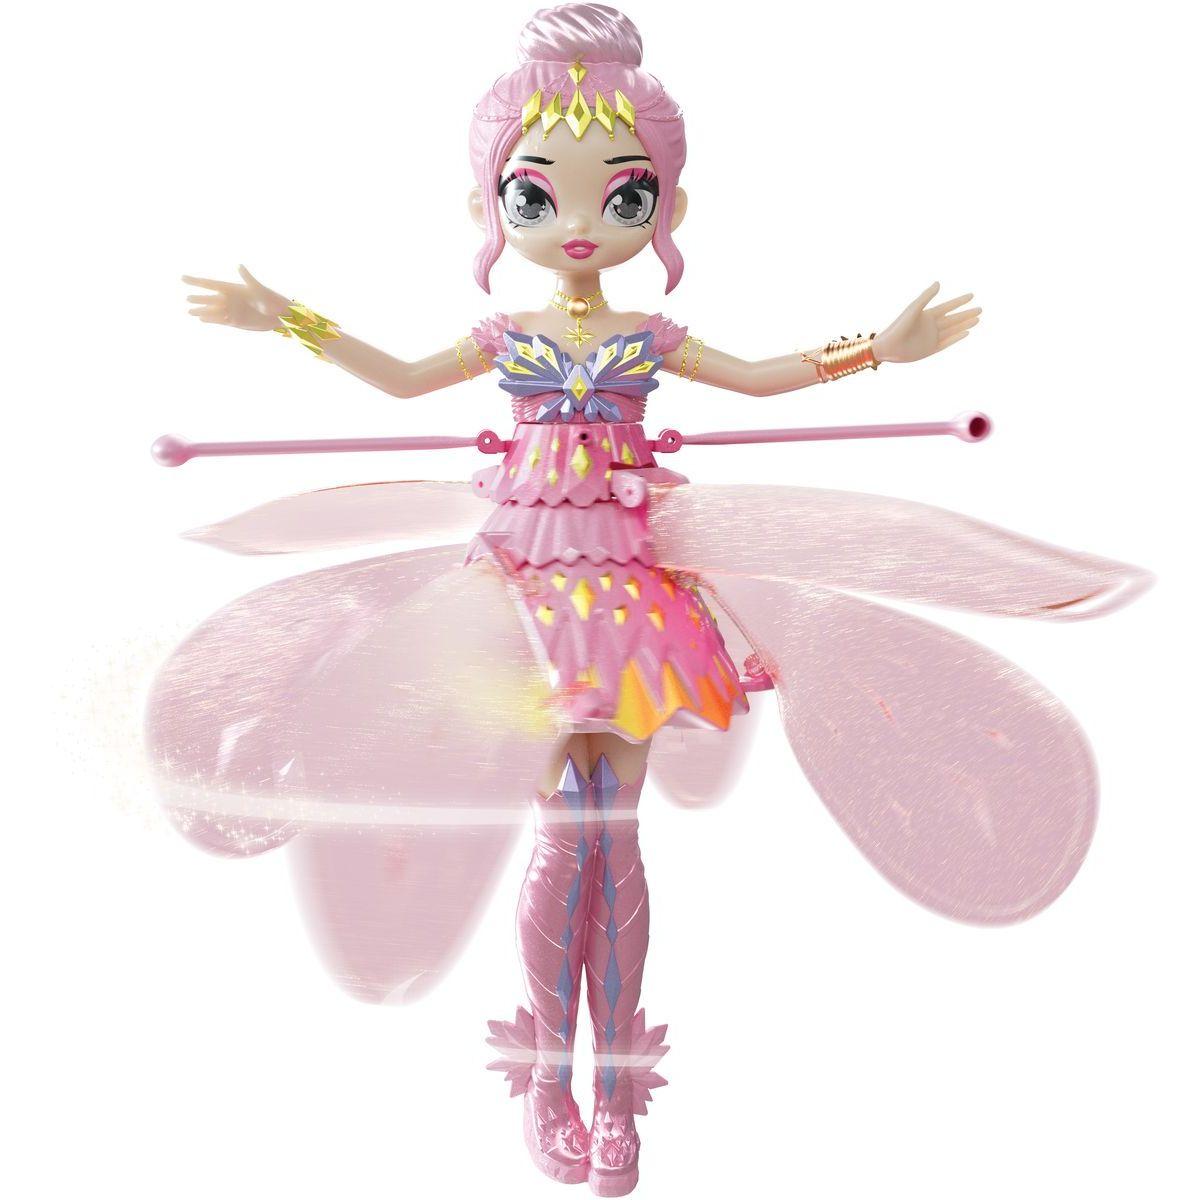 Spin Master Hatchimals lietajúca bábika pixie ružová - Poškodený obal